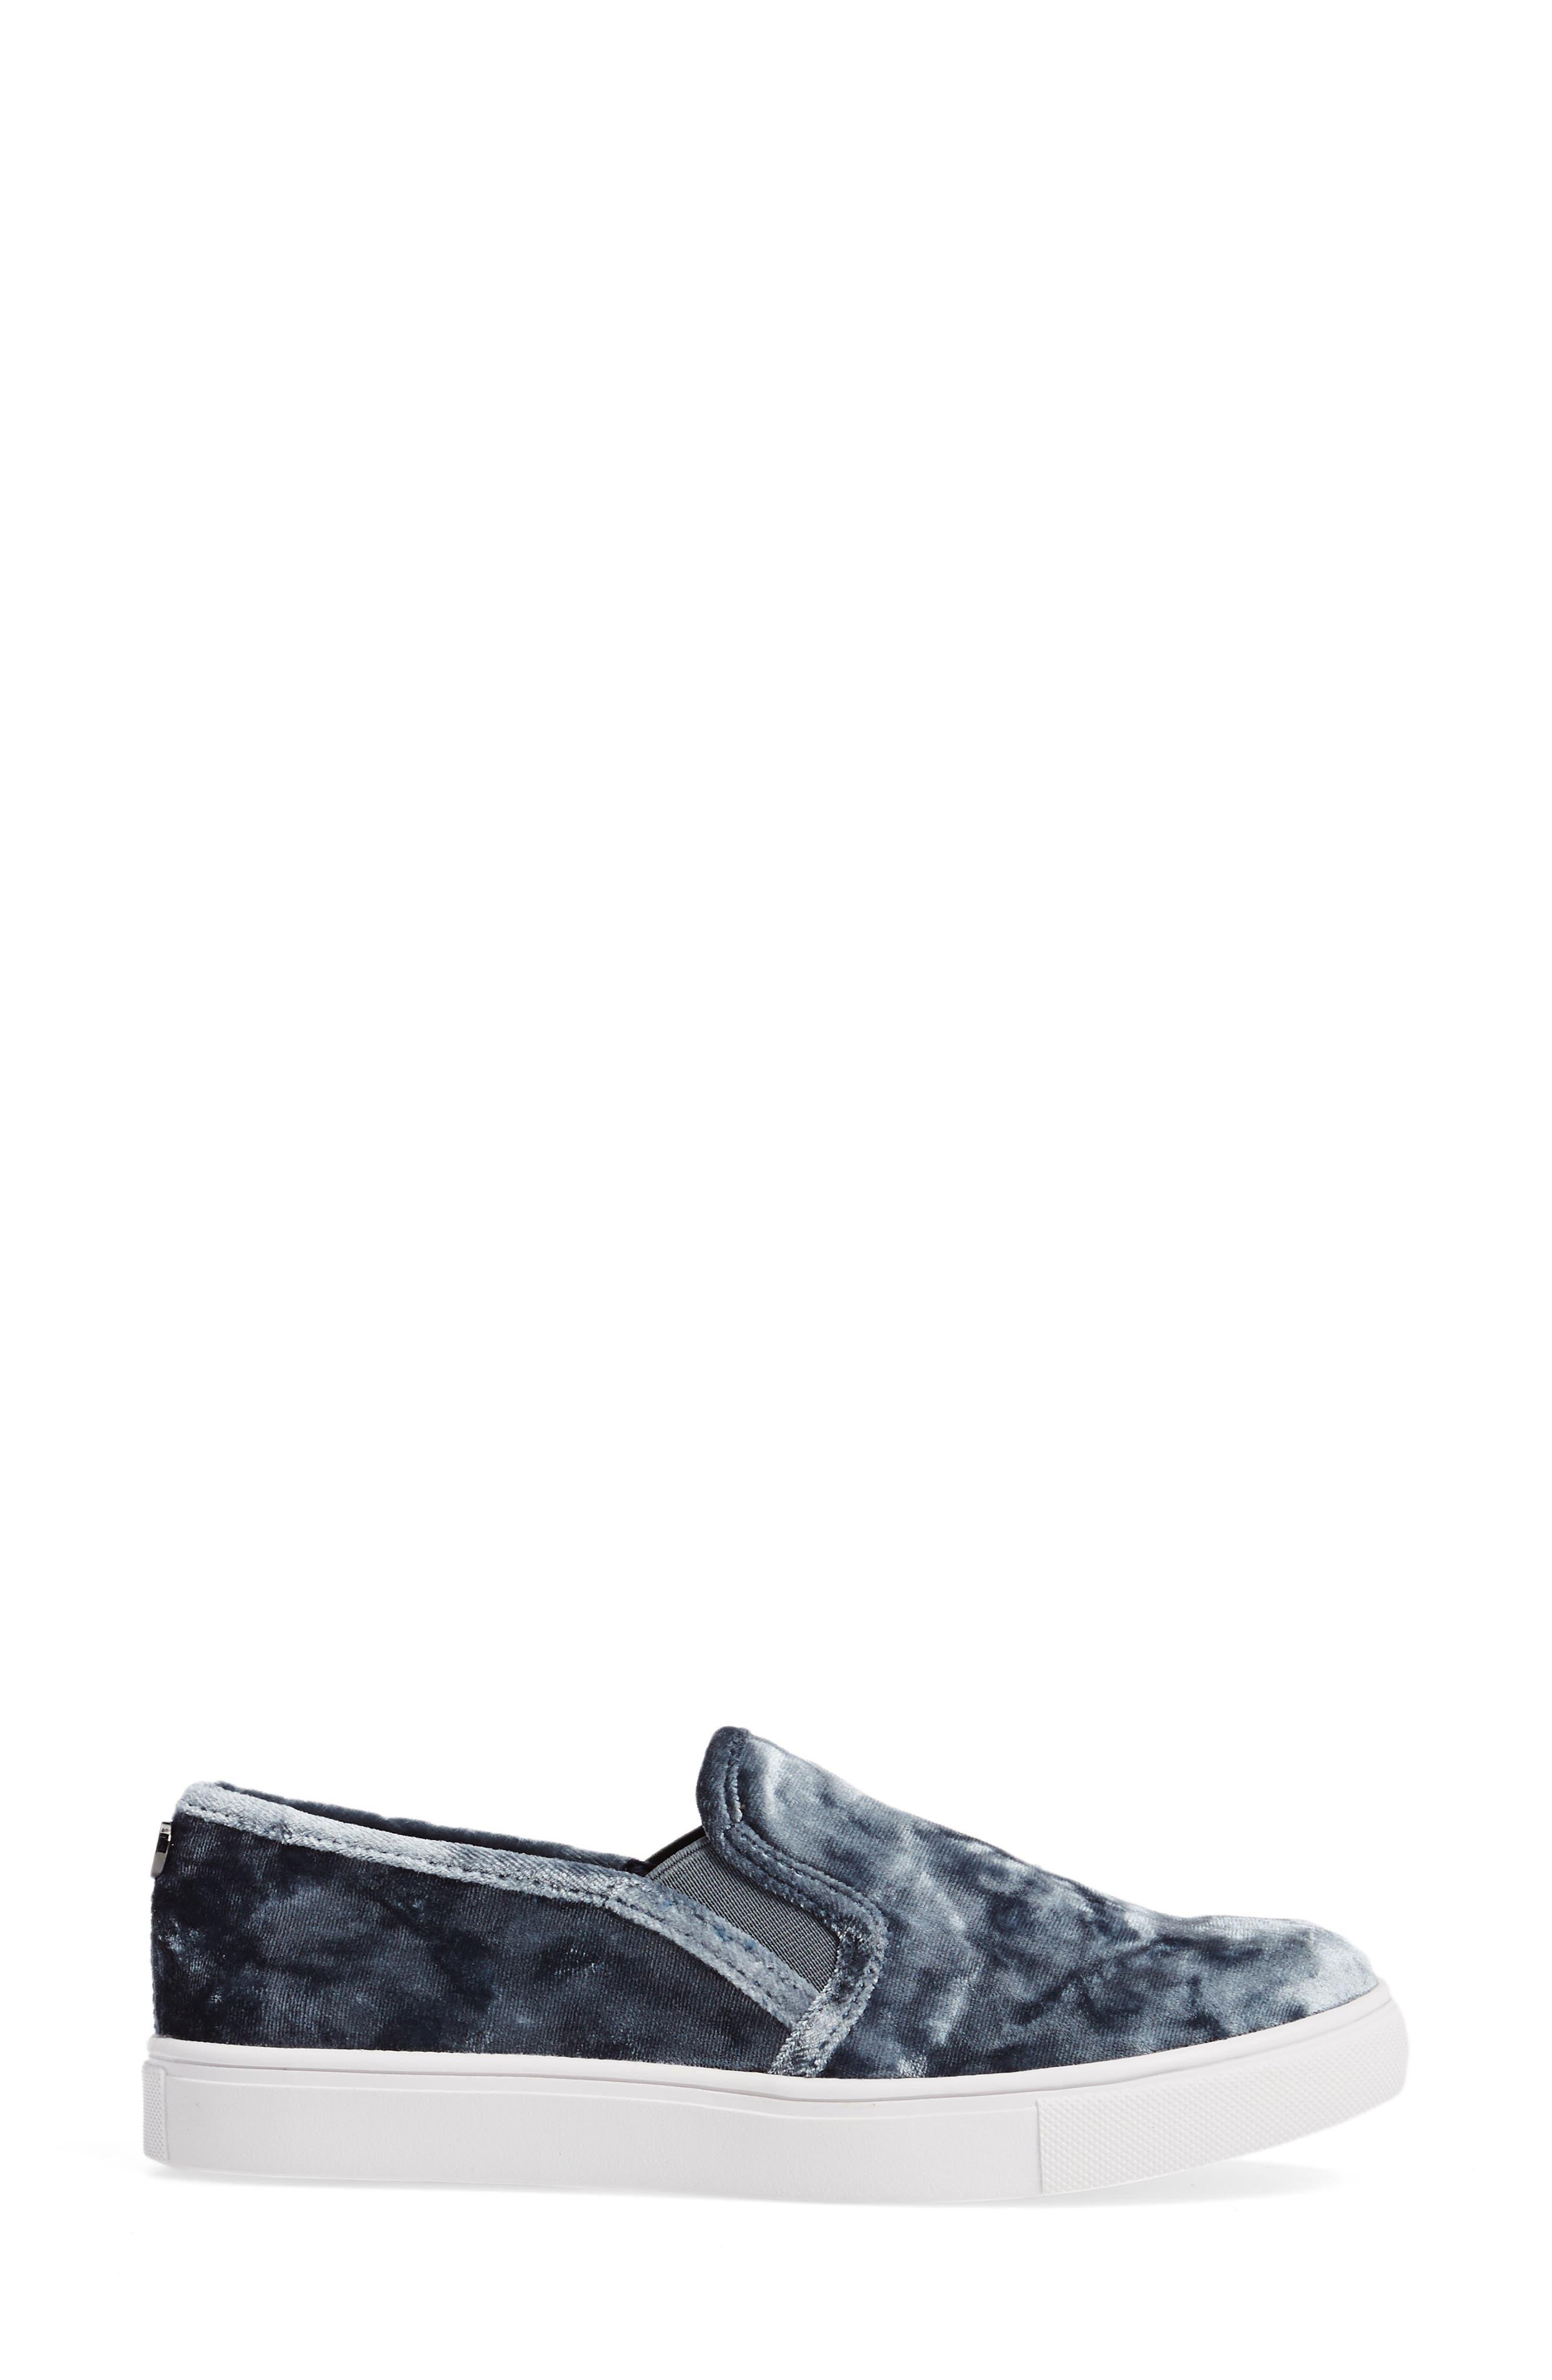 Ecntrcv Slip-On Sneaker,                             Alternate thumbnail 14, color,